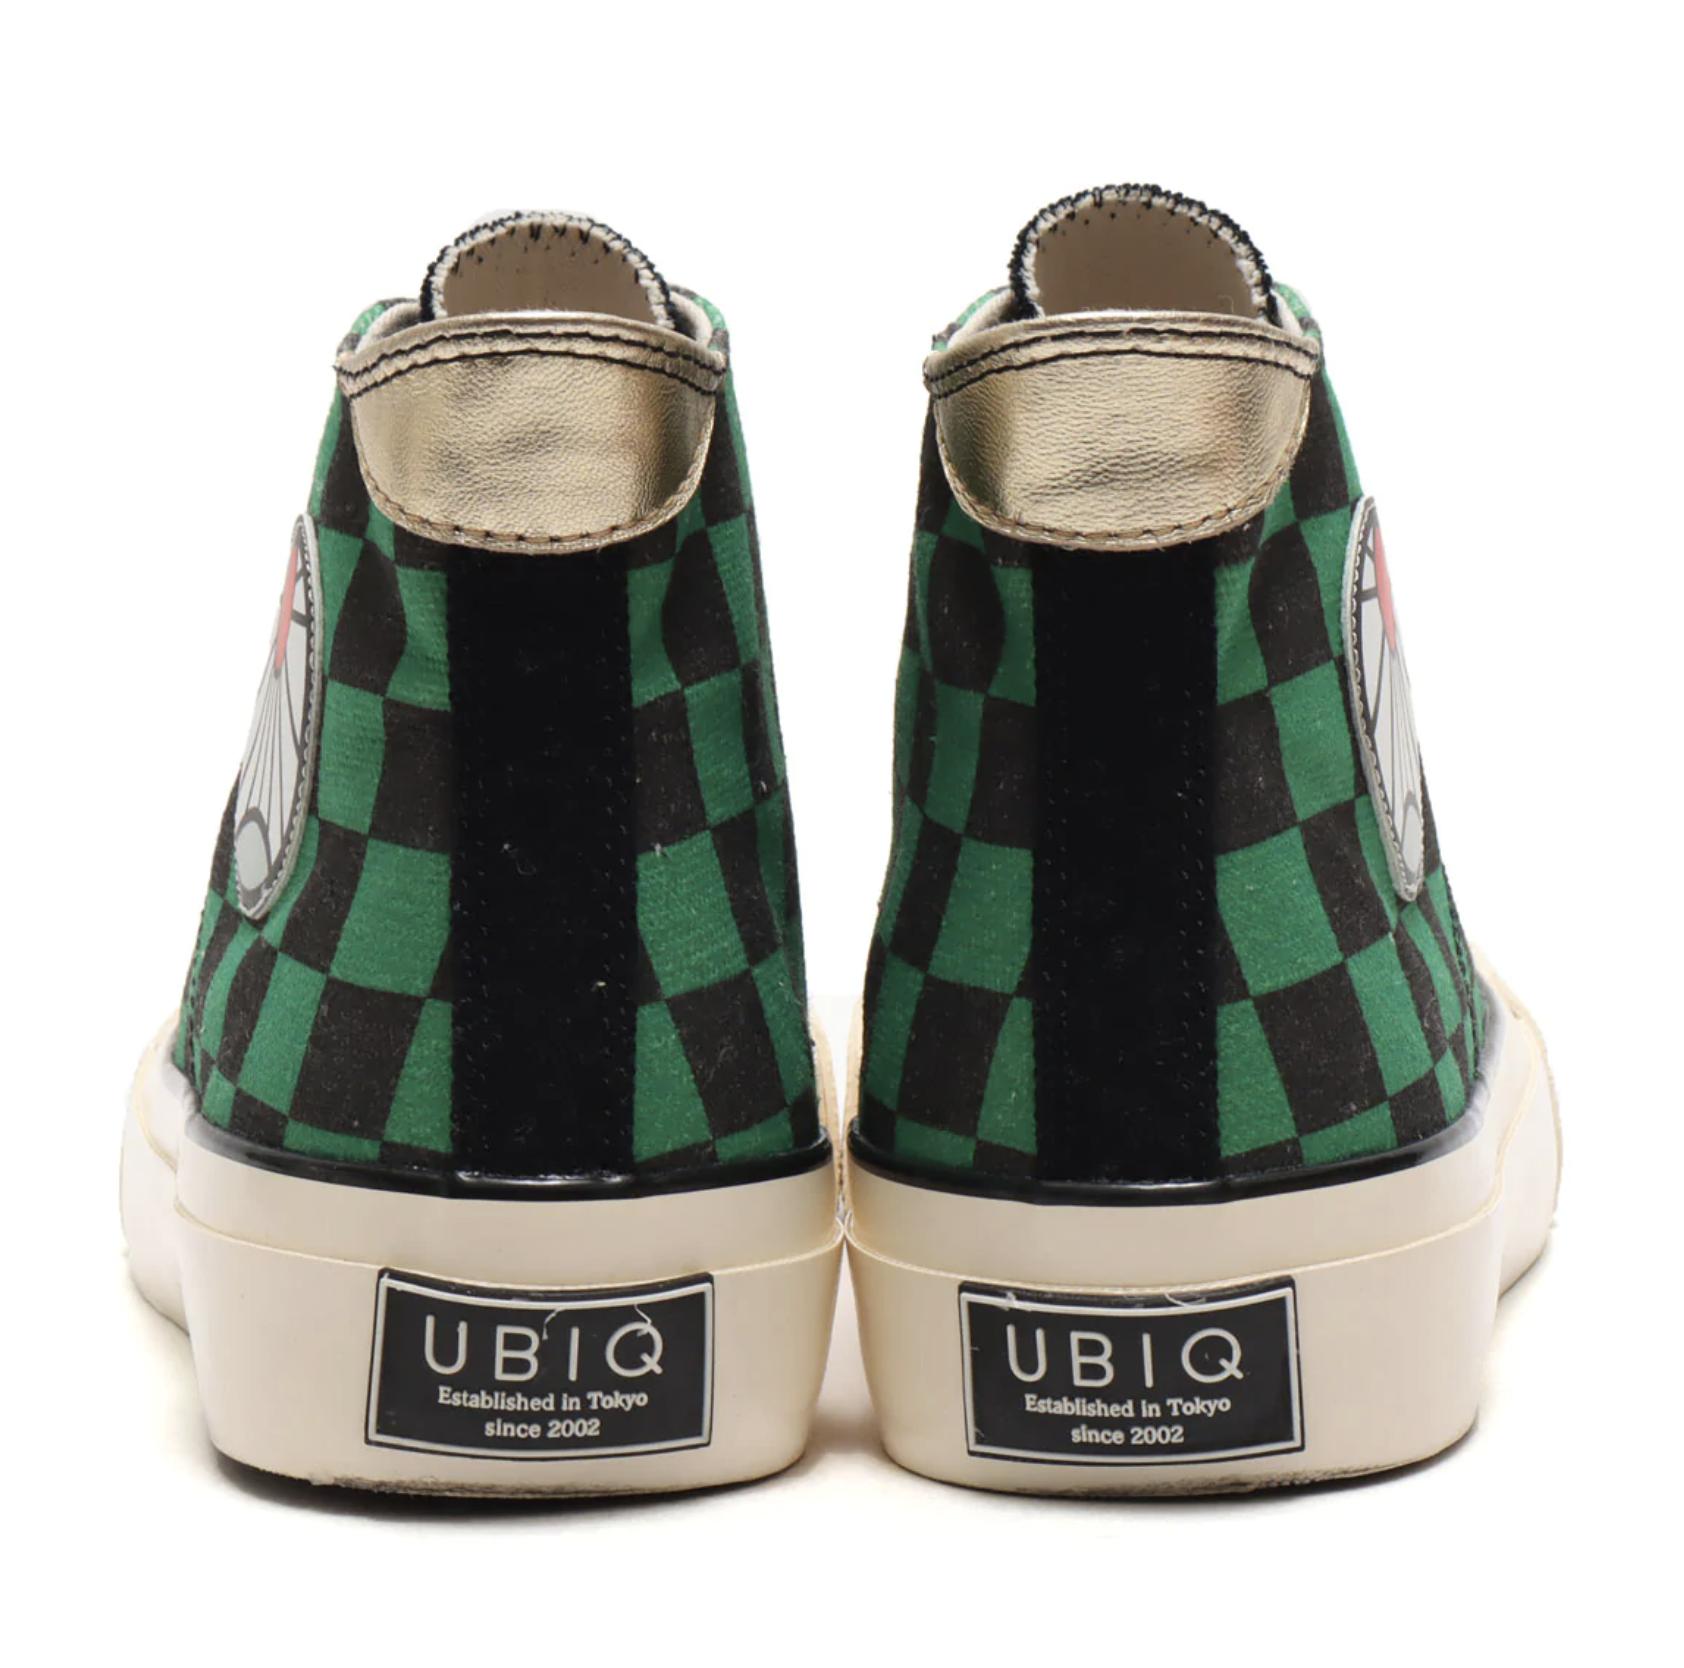 Tanjiro sneakers